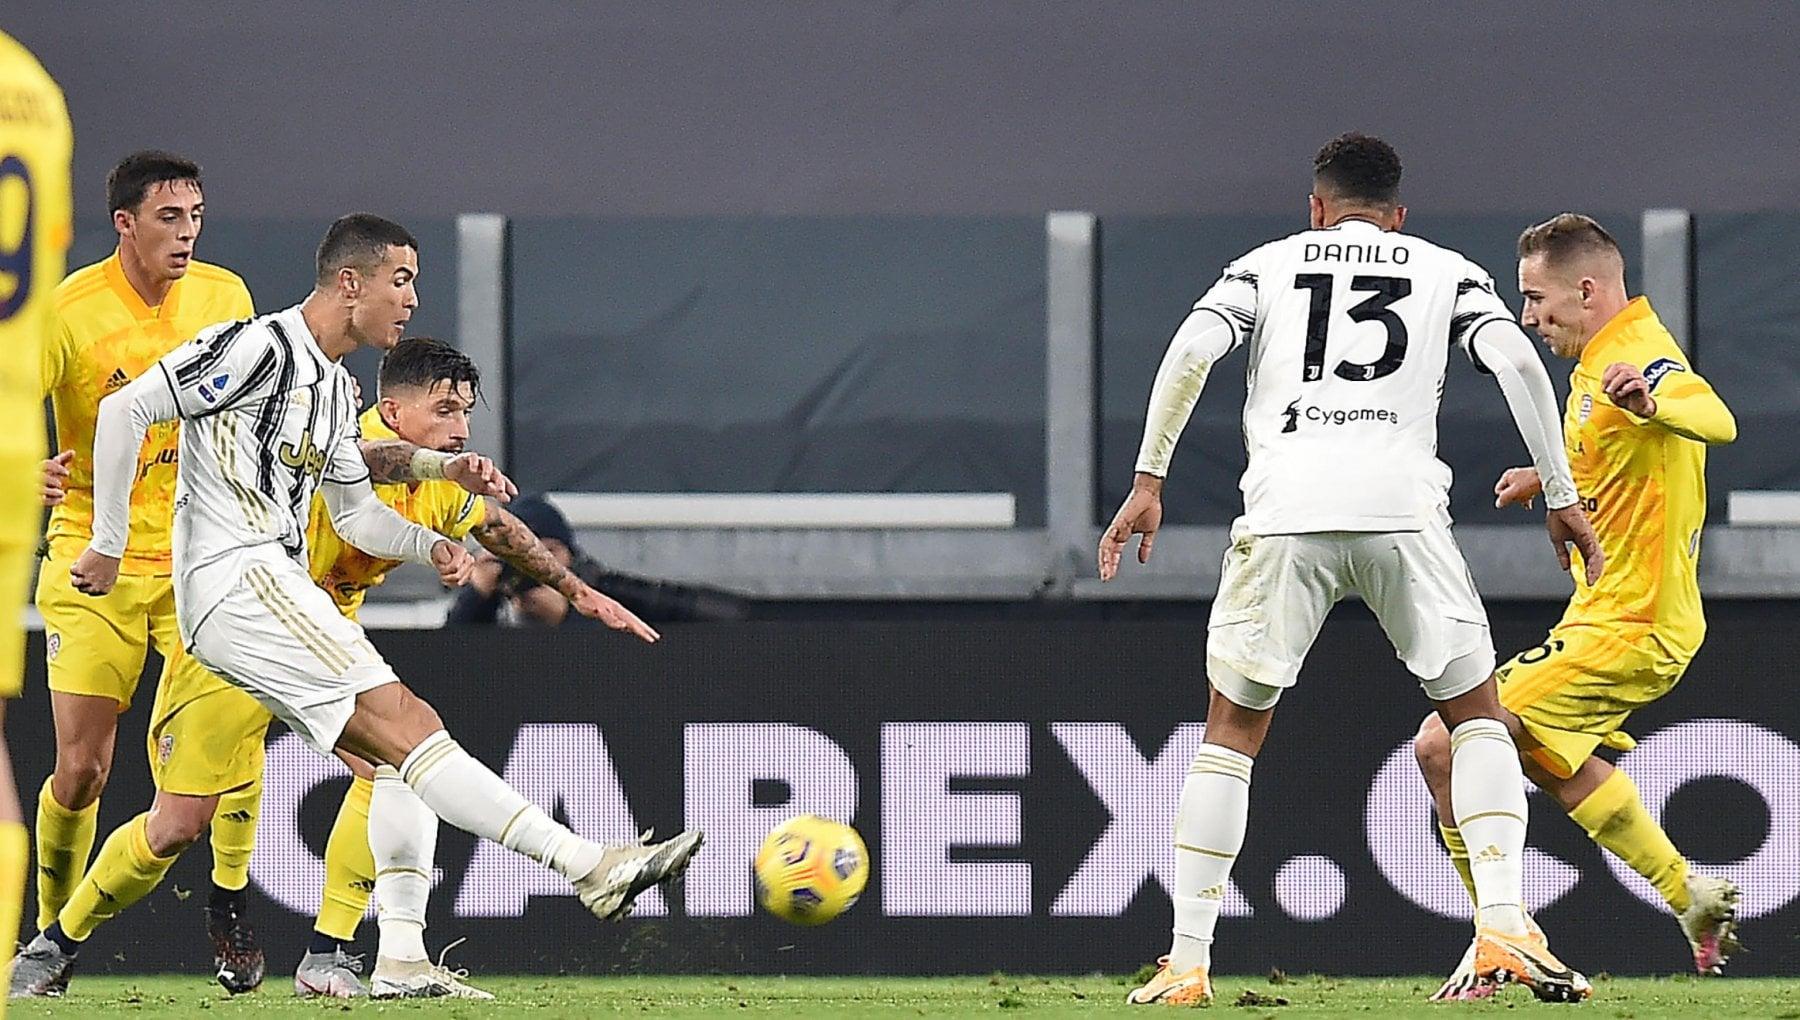 Juventus la metamorfosi di Ronaldo a 35 anni non piu solo gol con Pirlo e giocatore ovunque